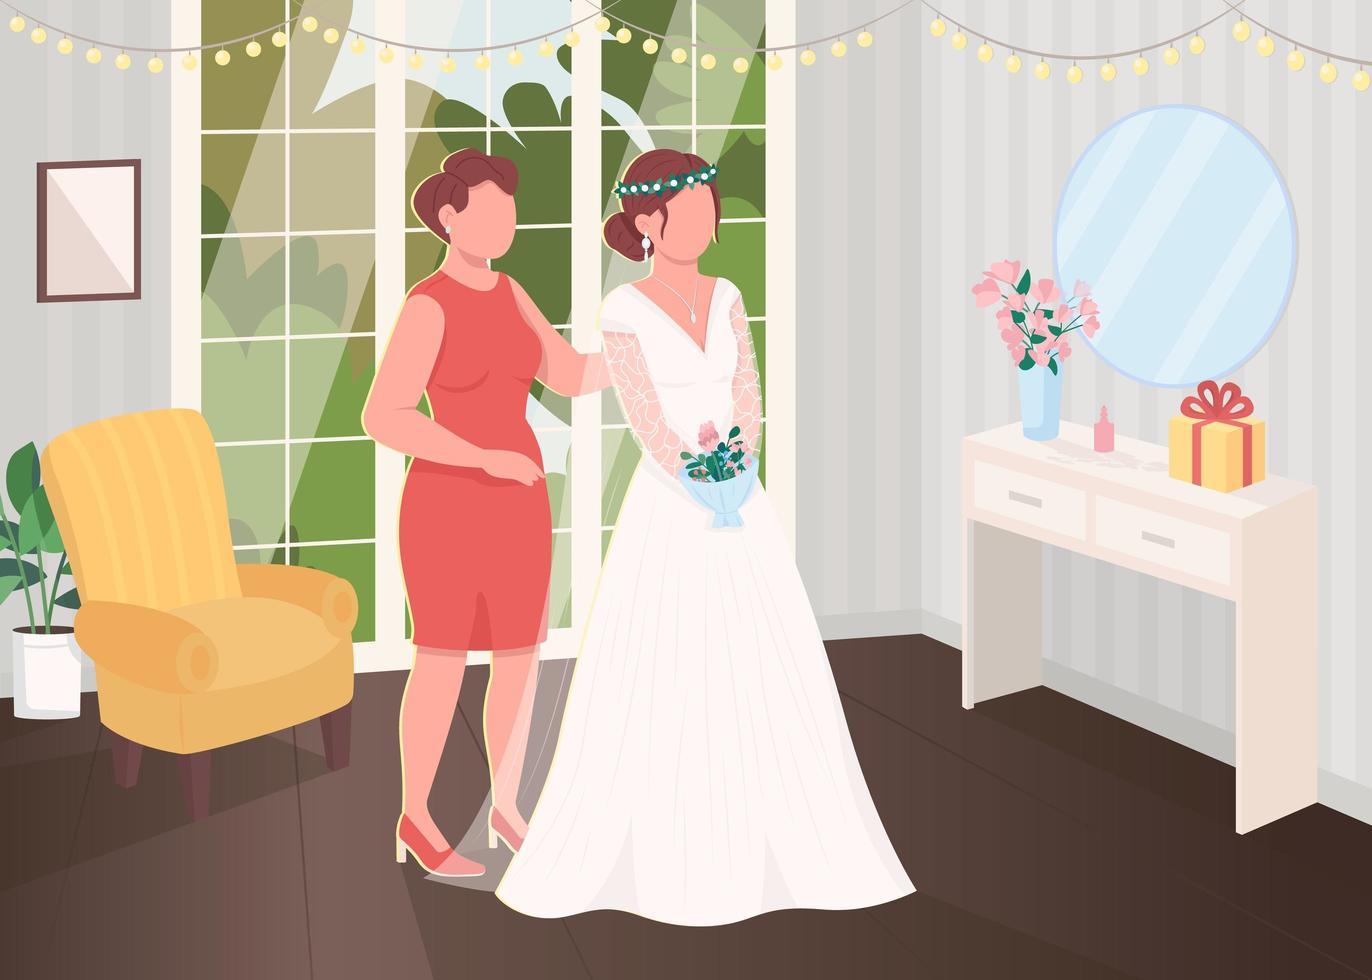 preparación de la novia con dama de honor vector